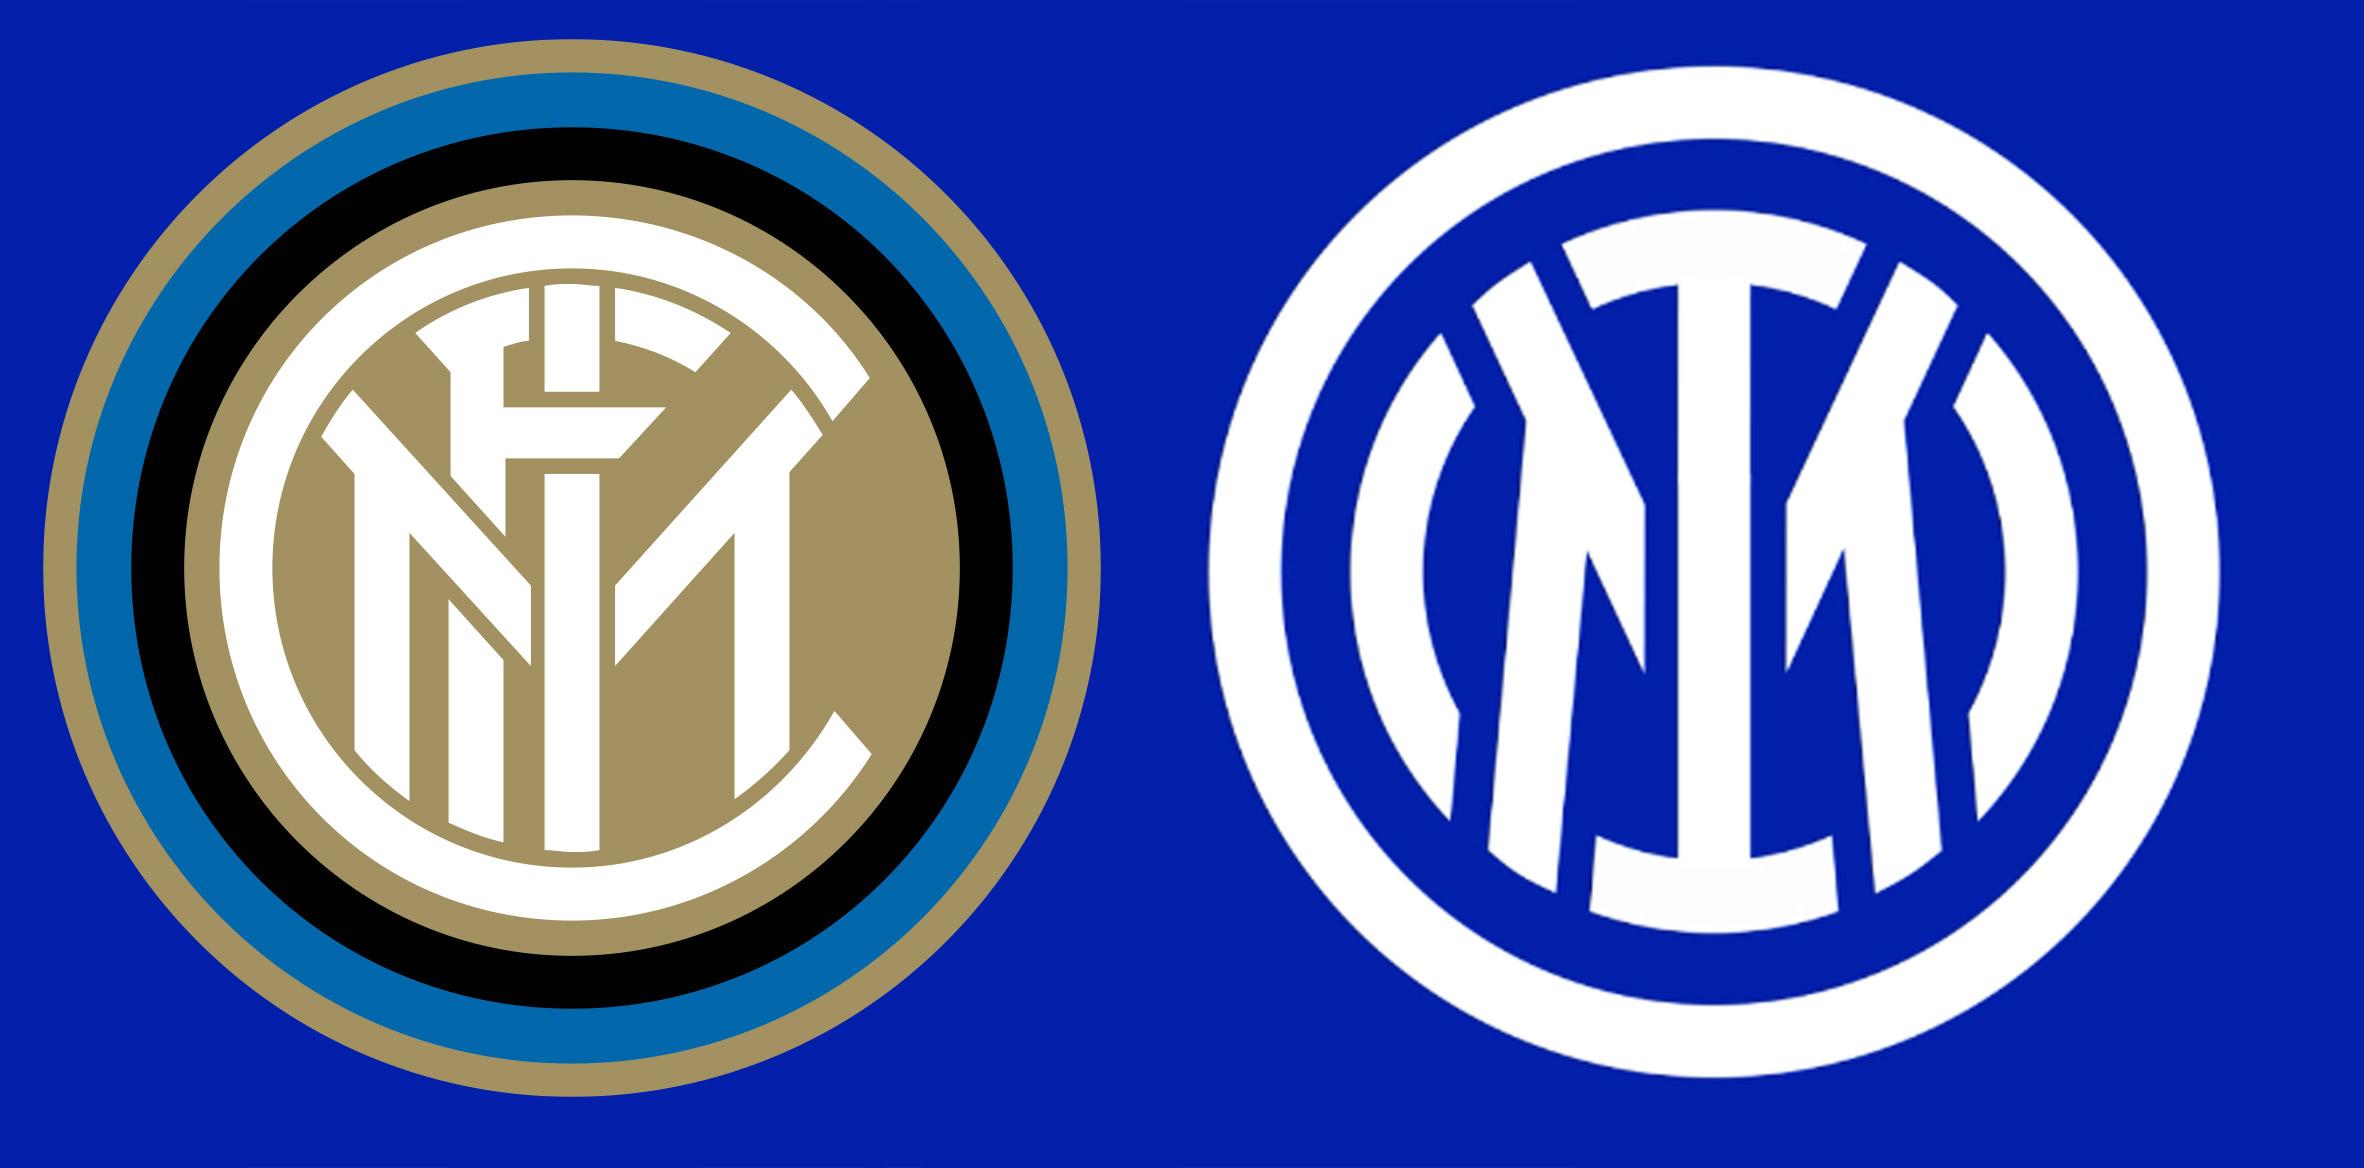 Inter Milan rebrand